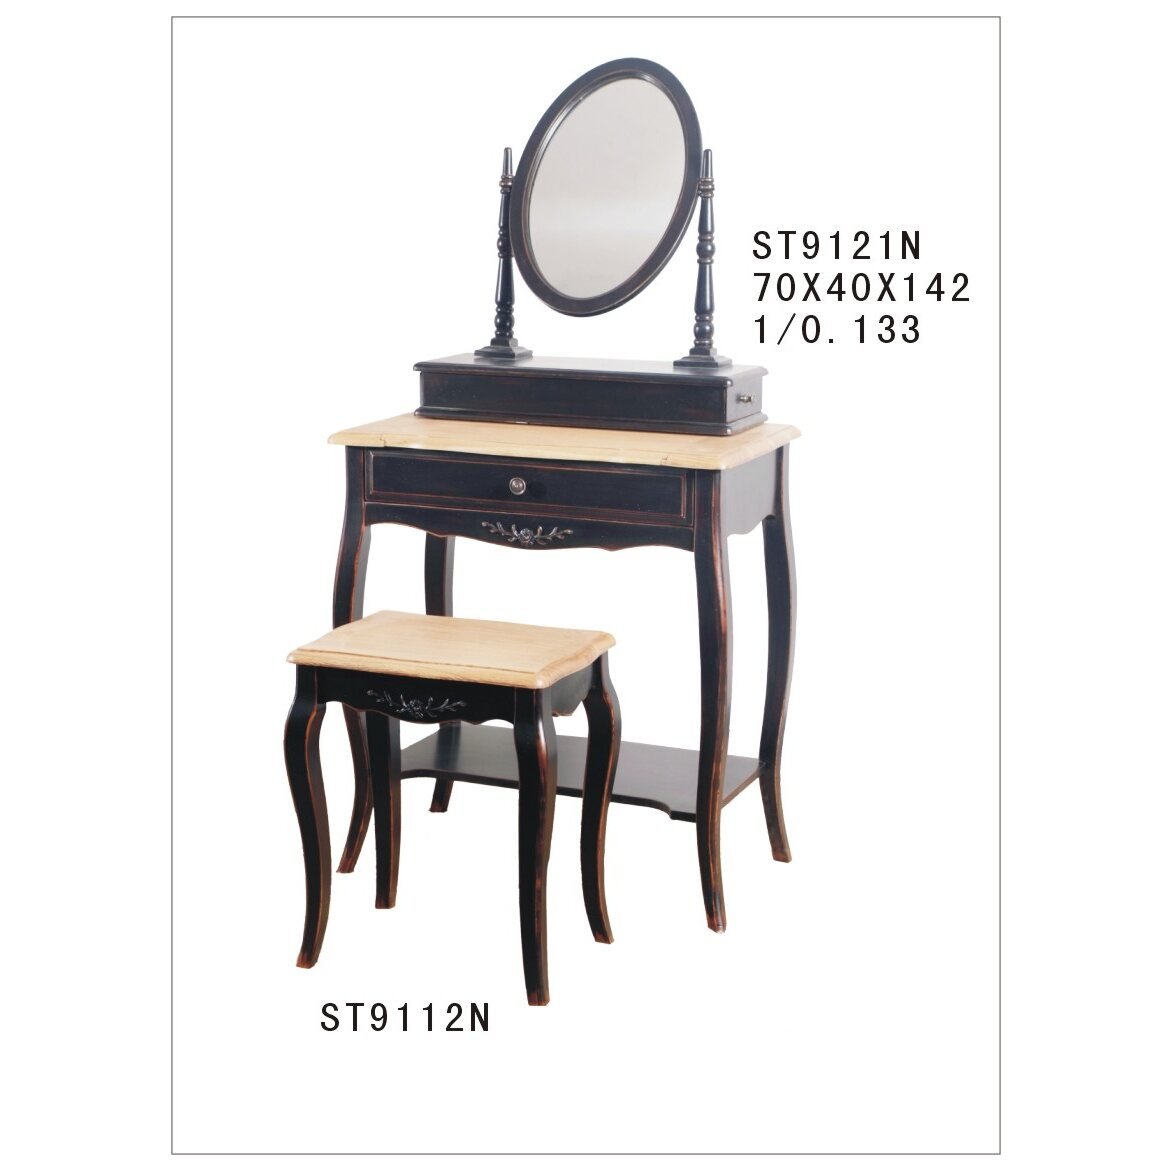 Туалетный столик с овальным зеркалом Leontina, черного цвета 5 | Туалетные столики Kingsby